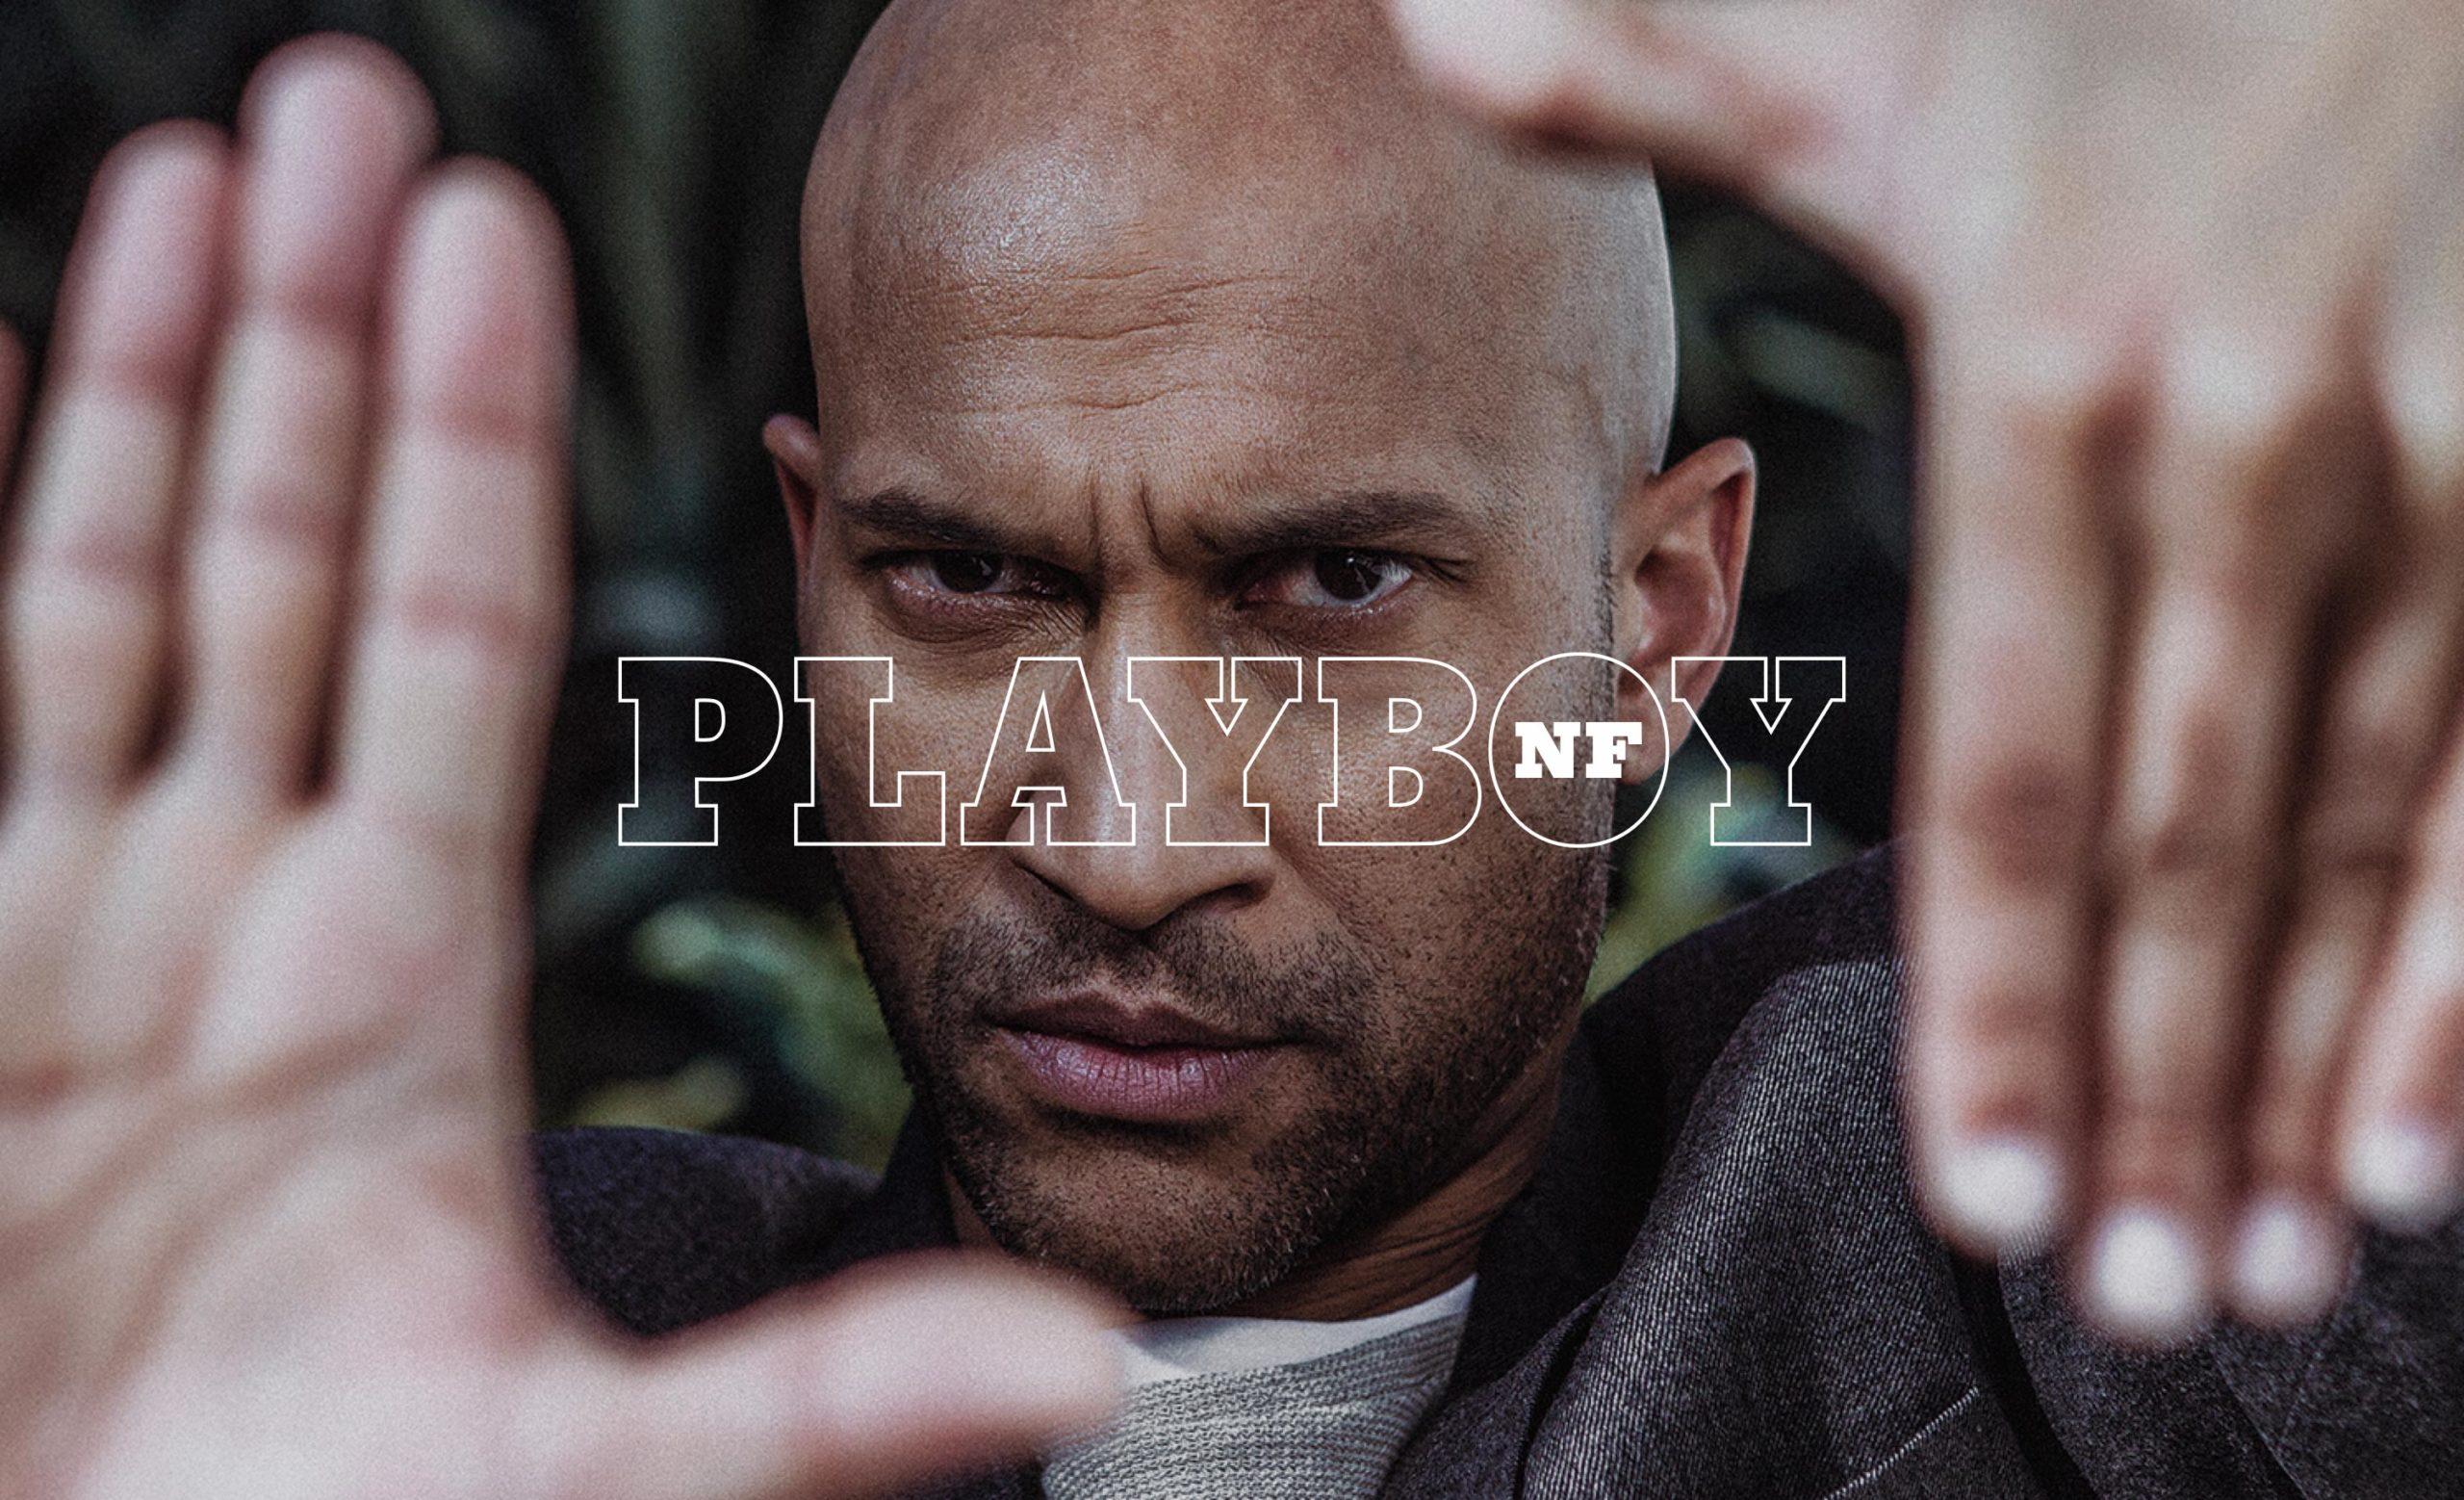 Playboy-NF-Hero-lowqual